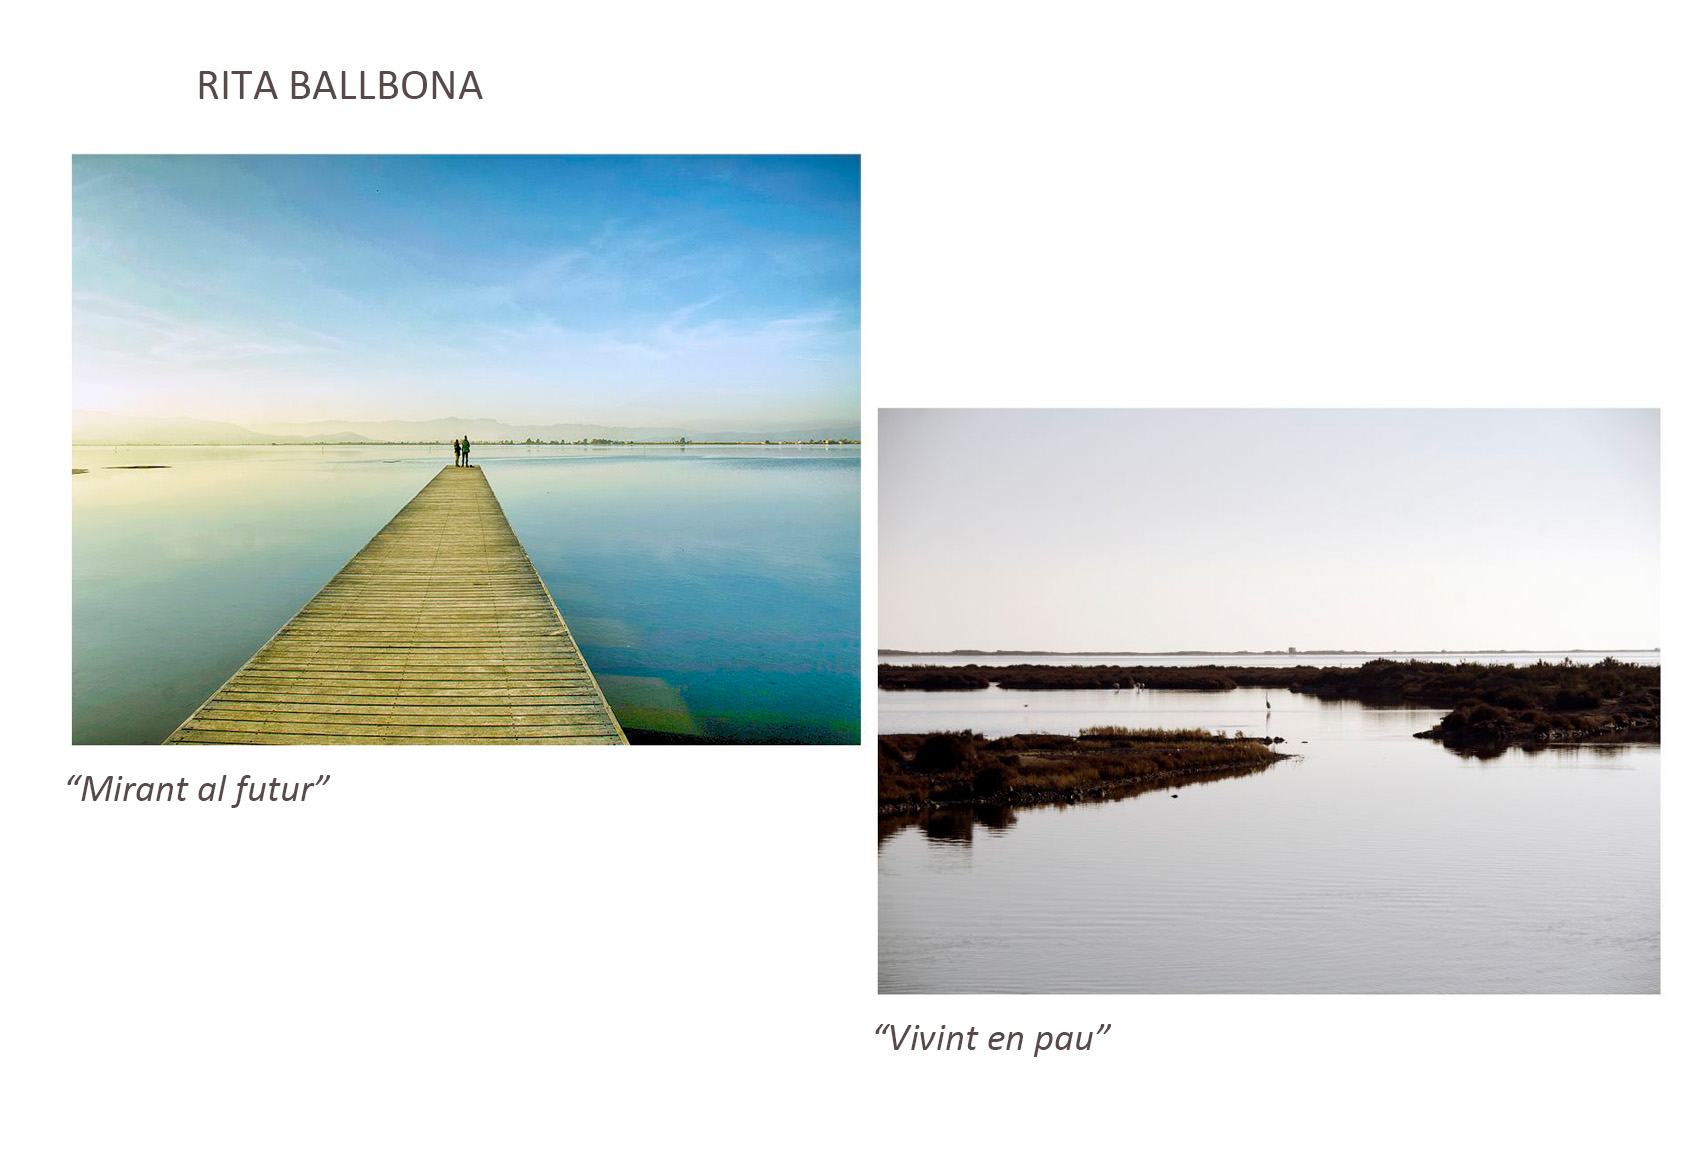 Rita_Ballbona